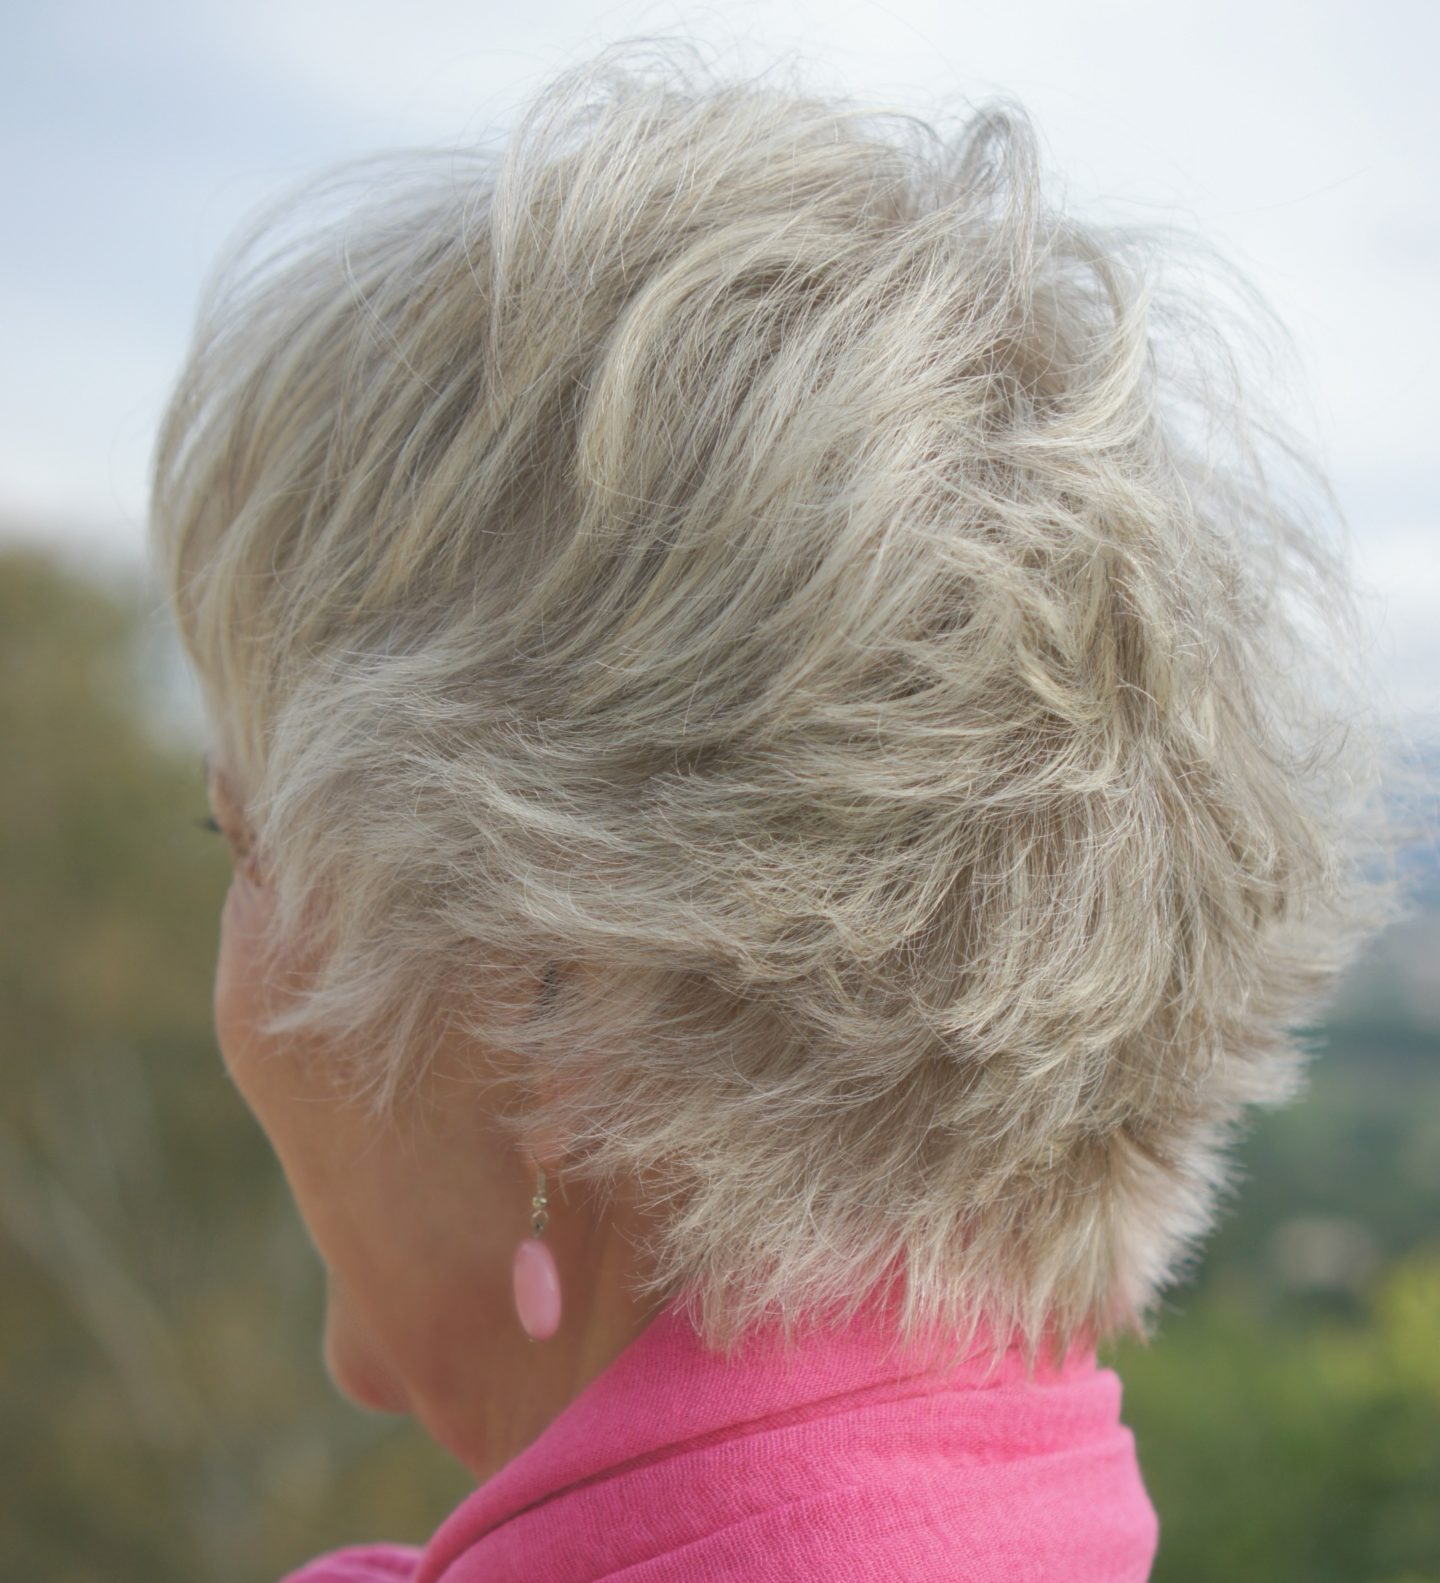 St. Tropez haircut